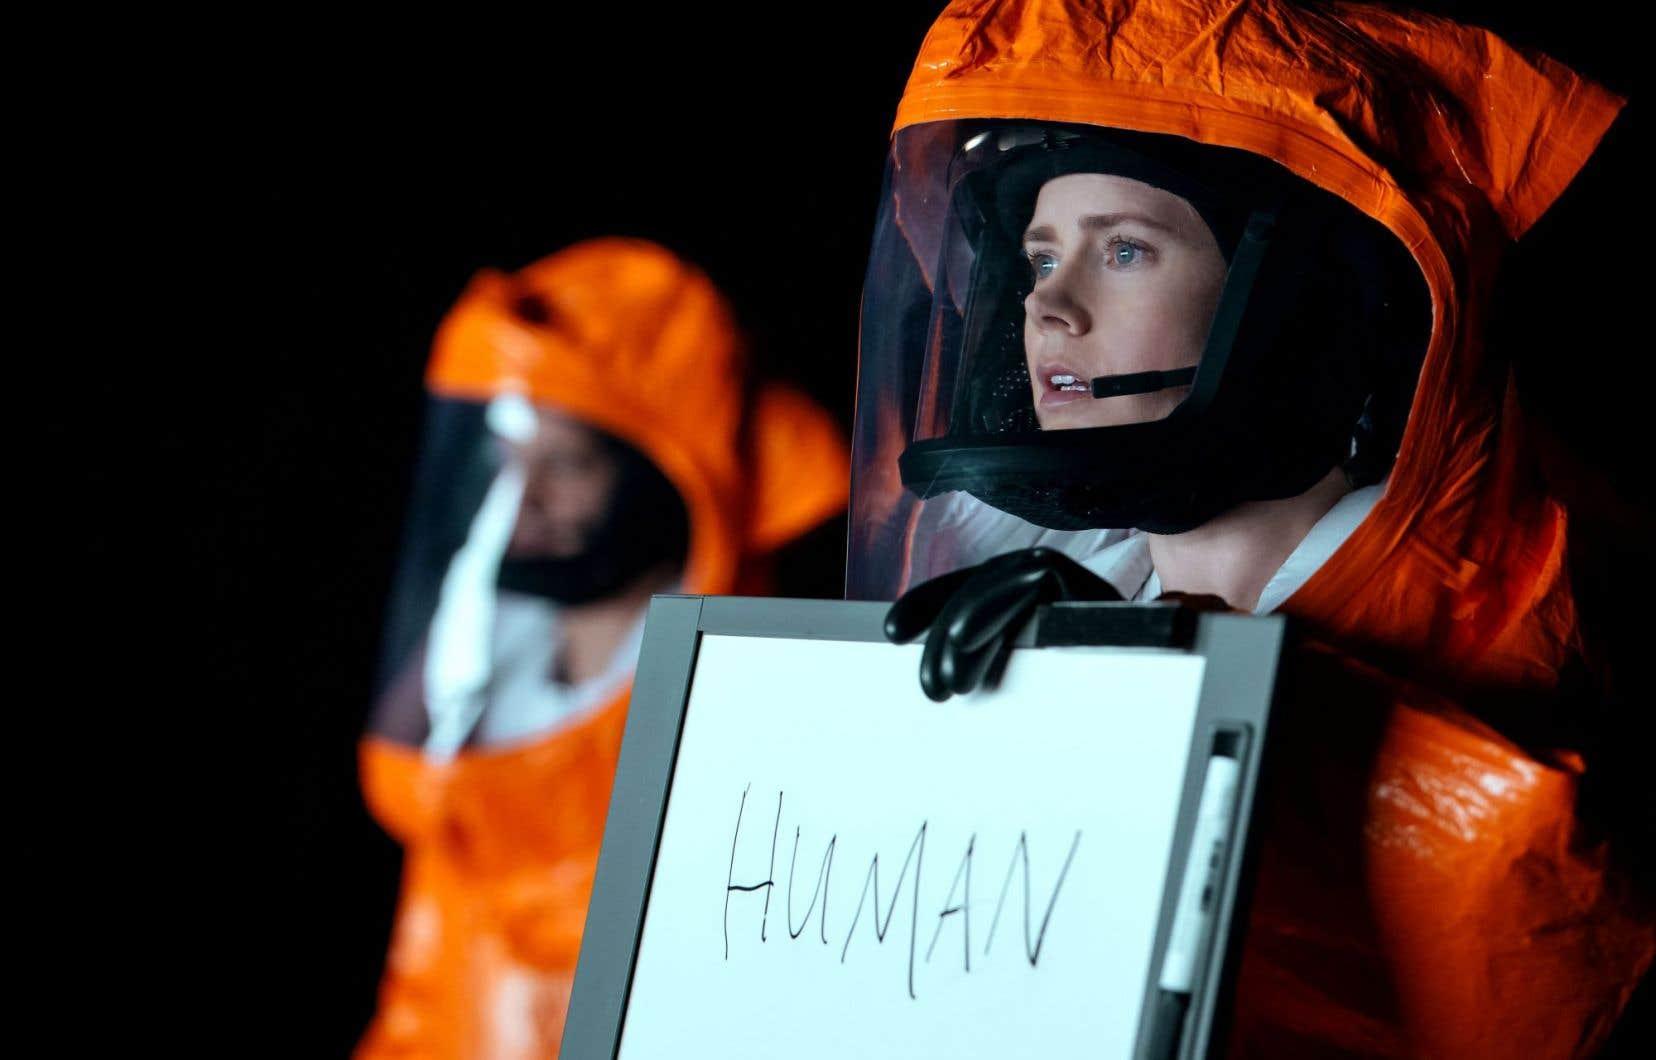 Le personnage de linguiste joué par Amy Adams apprend à décoder le langage des extraterrestres.